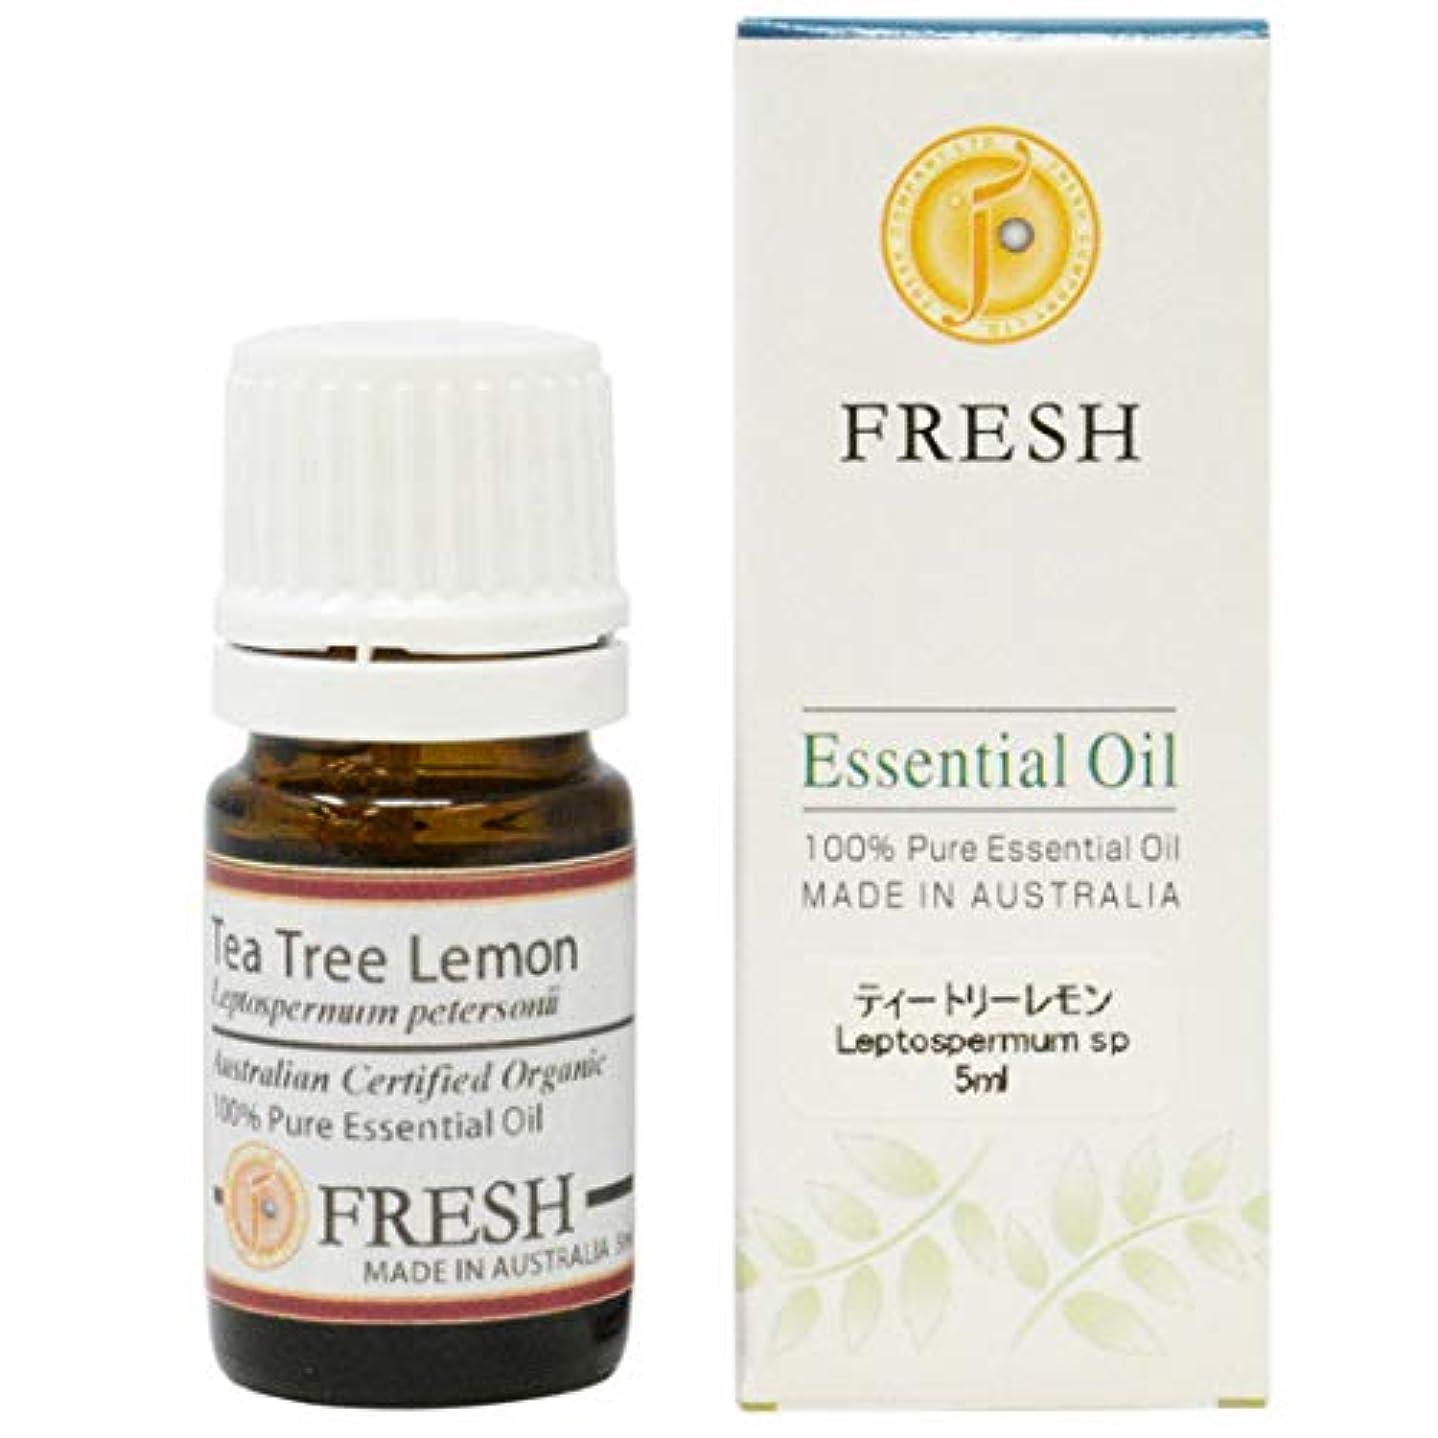 帝国地下鉄コンパニオンFRESH オーガニック エッセンシャルオイル ティートリーレモン 5ml (FRESH 精油)